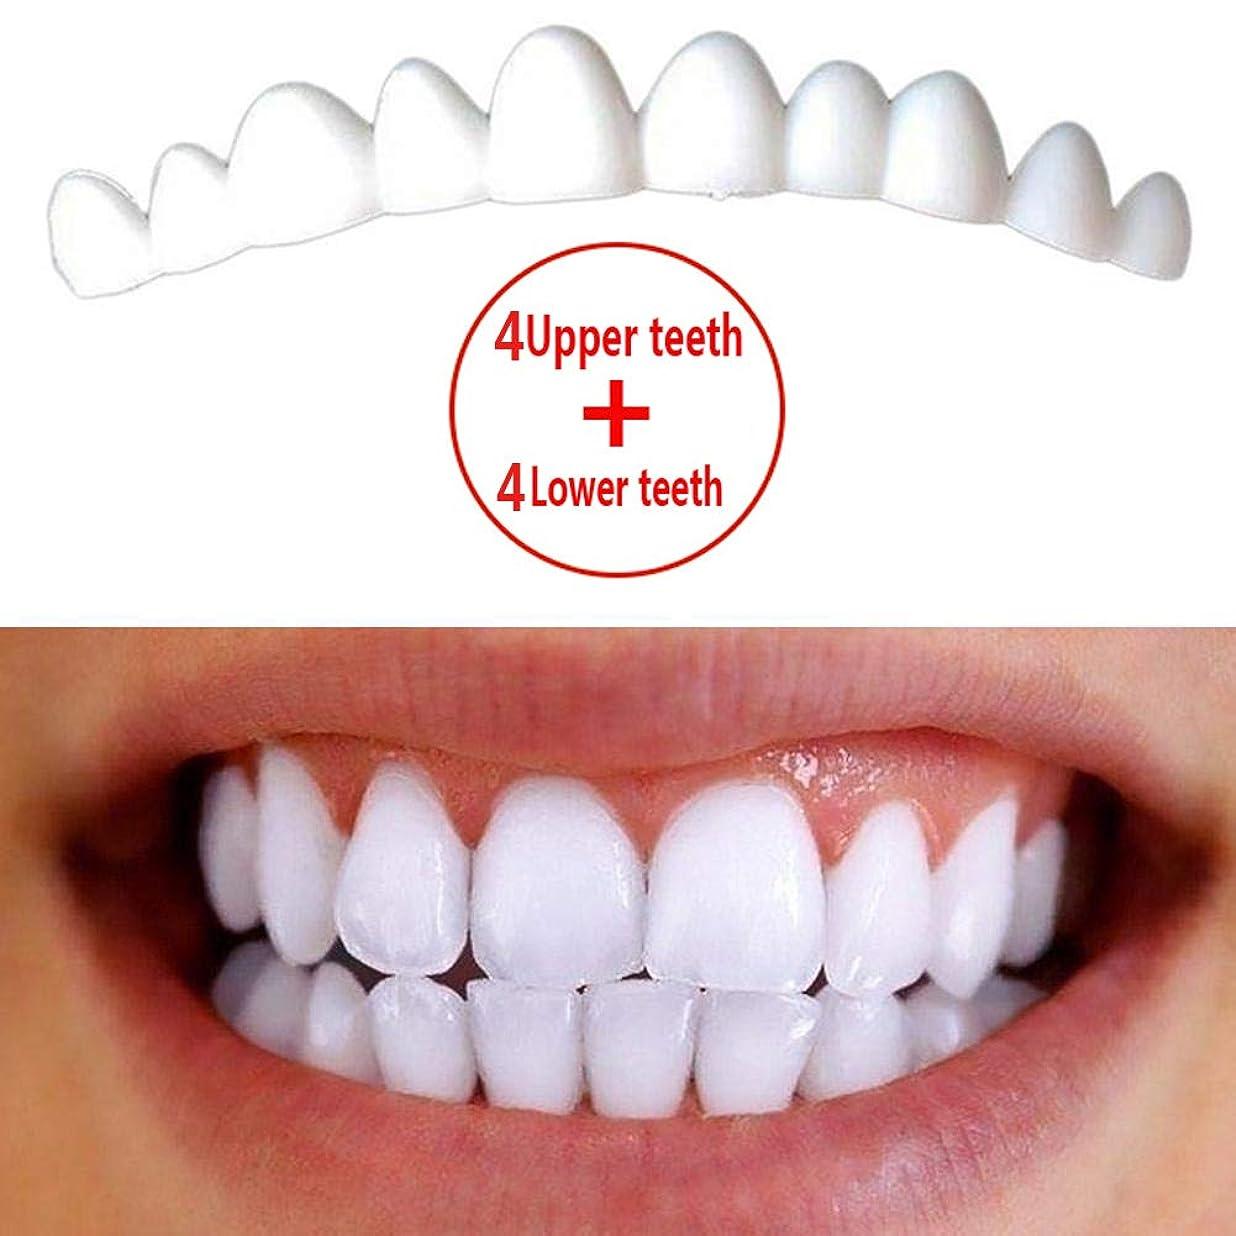 地味なディレクトリ混乱上歯4本+下歯4本、パーフェクトスマイルコンフォートフィット新しいスナップオンフレックスフィットが最も快適な入れ歯